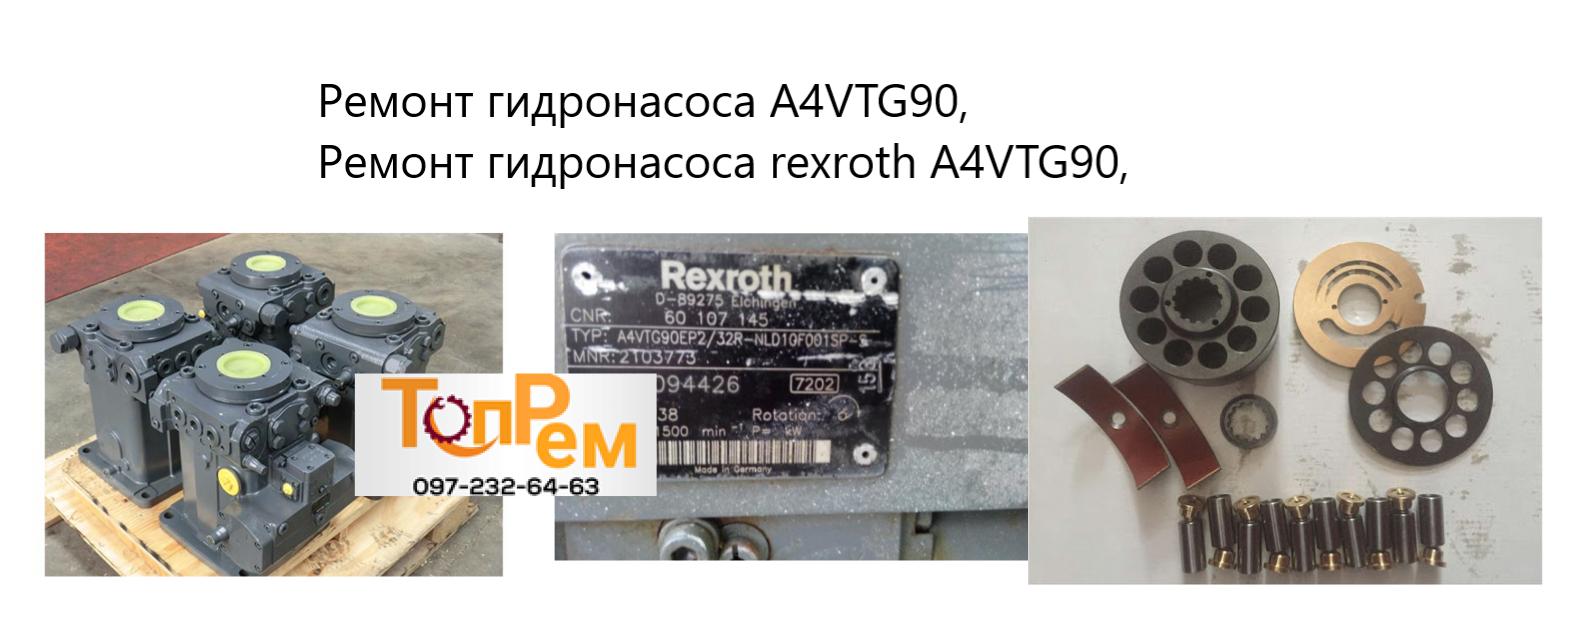 Ремонт гидронасоса A4VTG90